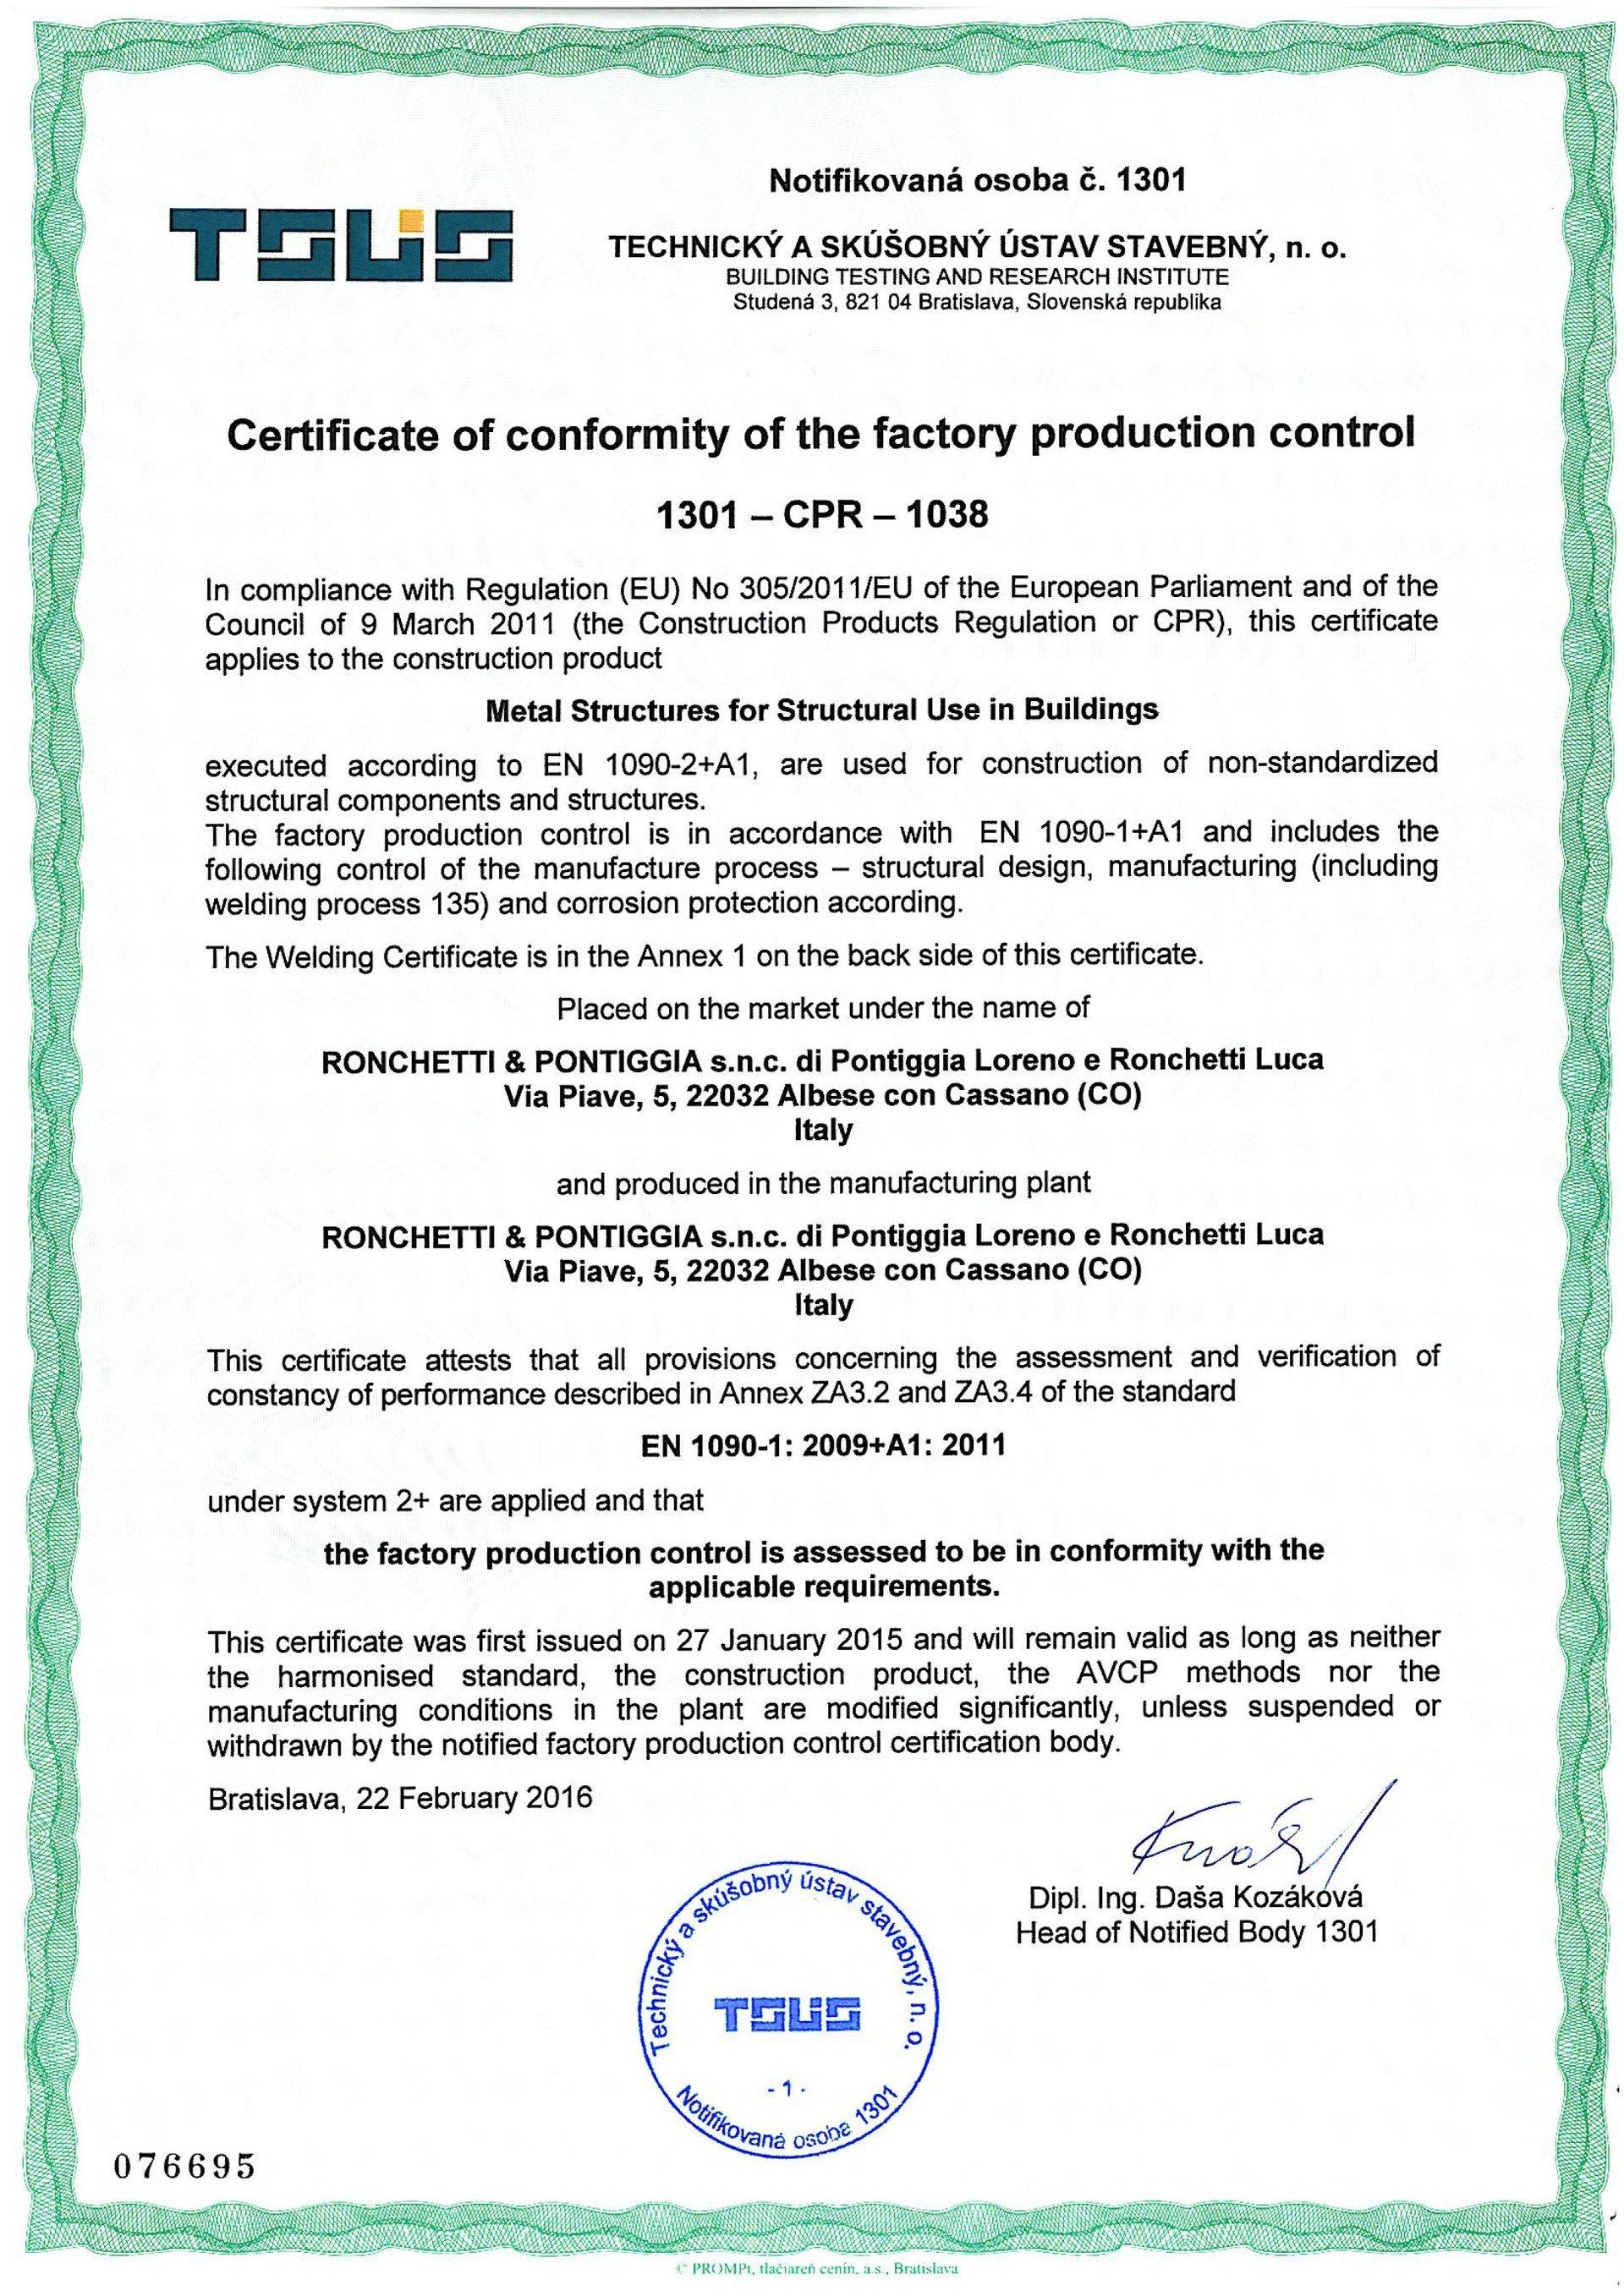 Certificazione del controllo della produzione in fabbrica (FPC)